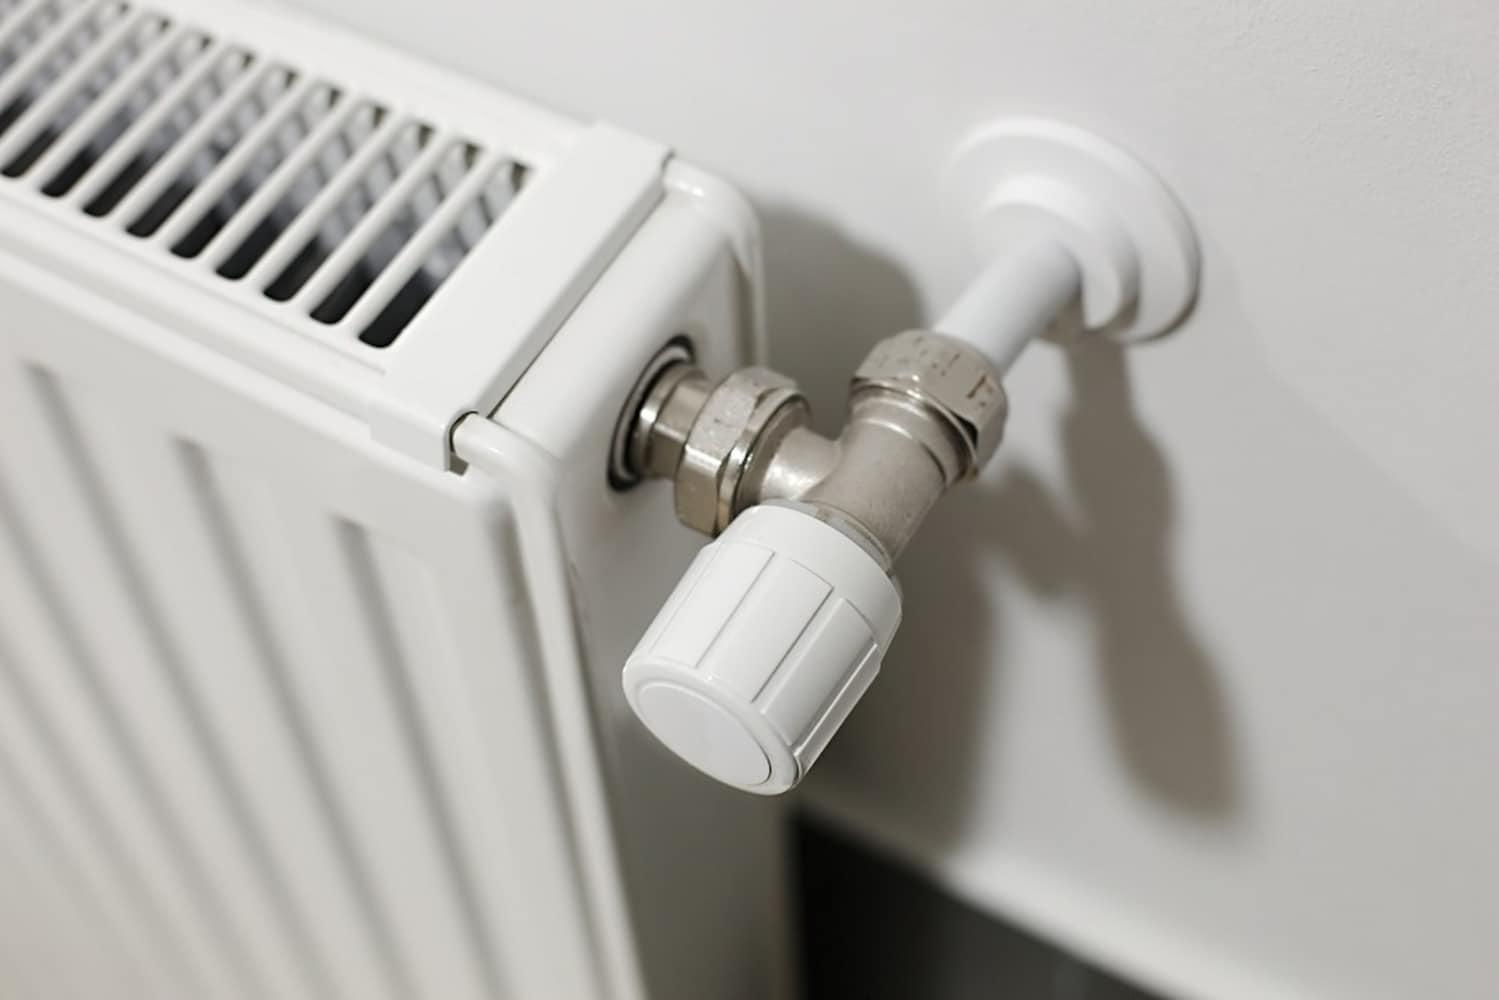 サーモスタット機能|つけっぱなしにしても加温を防ぐ!